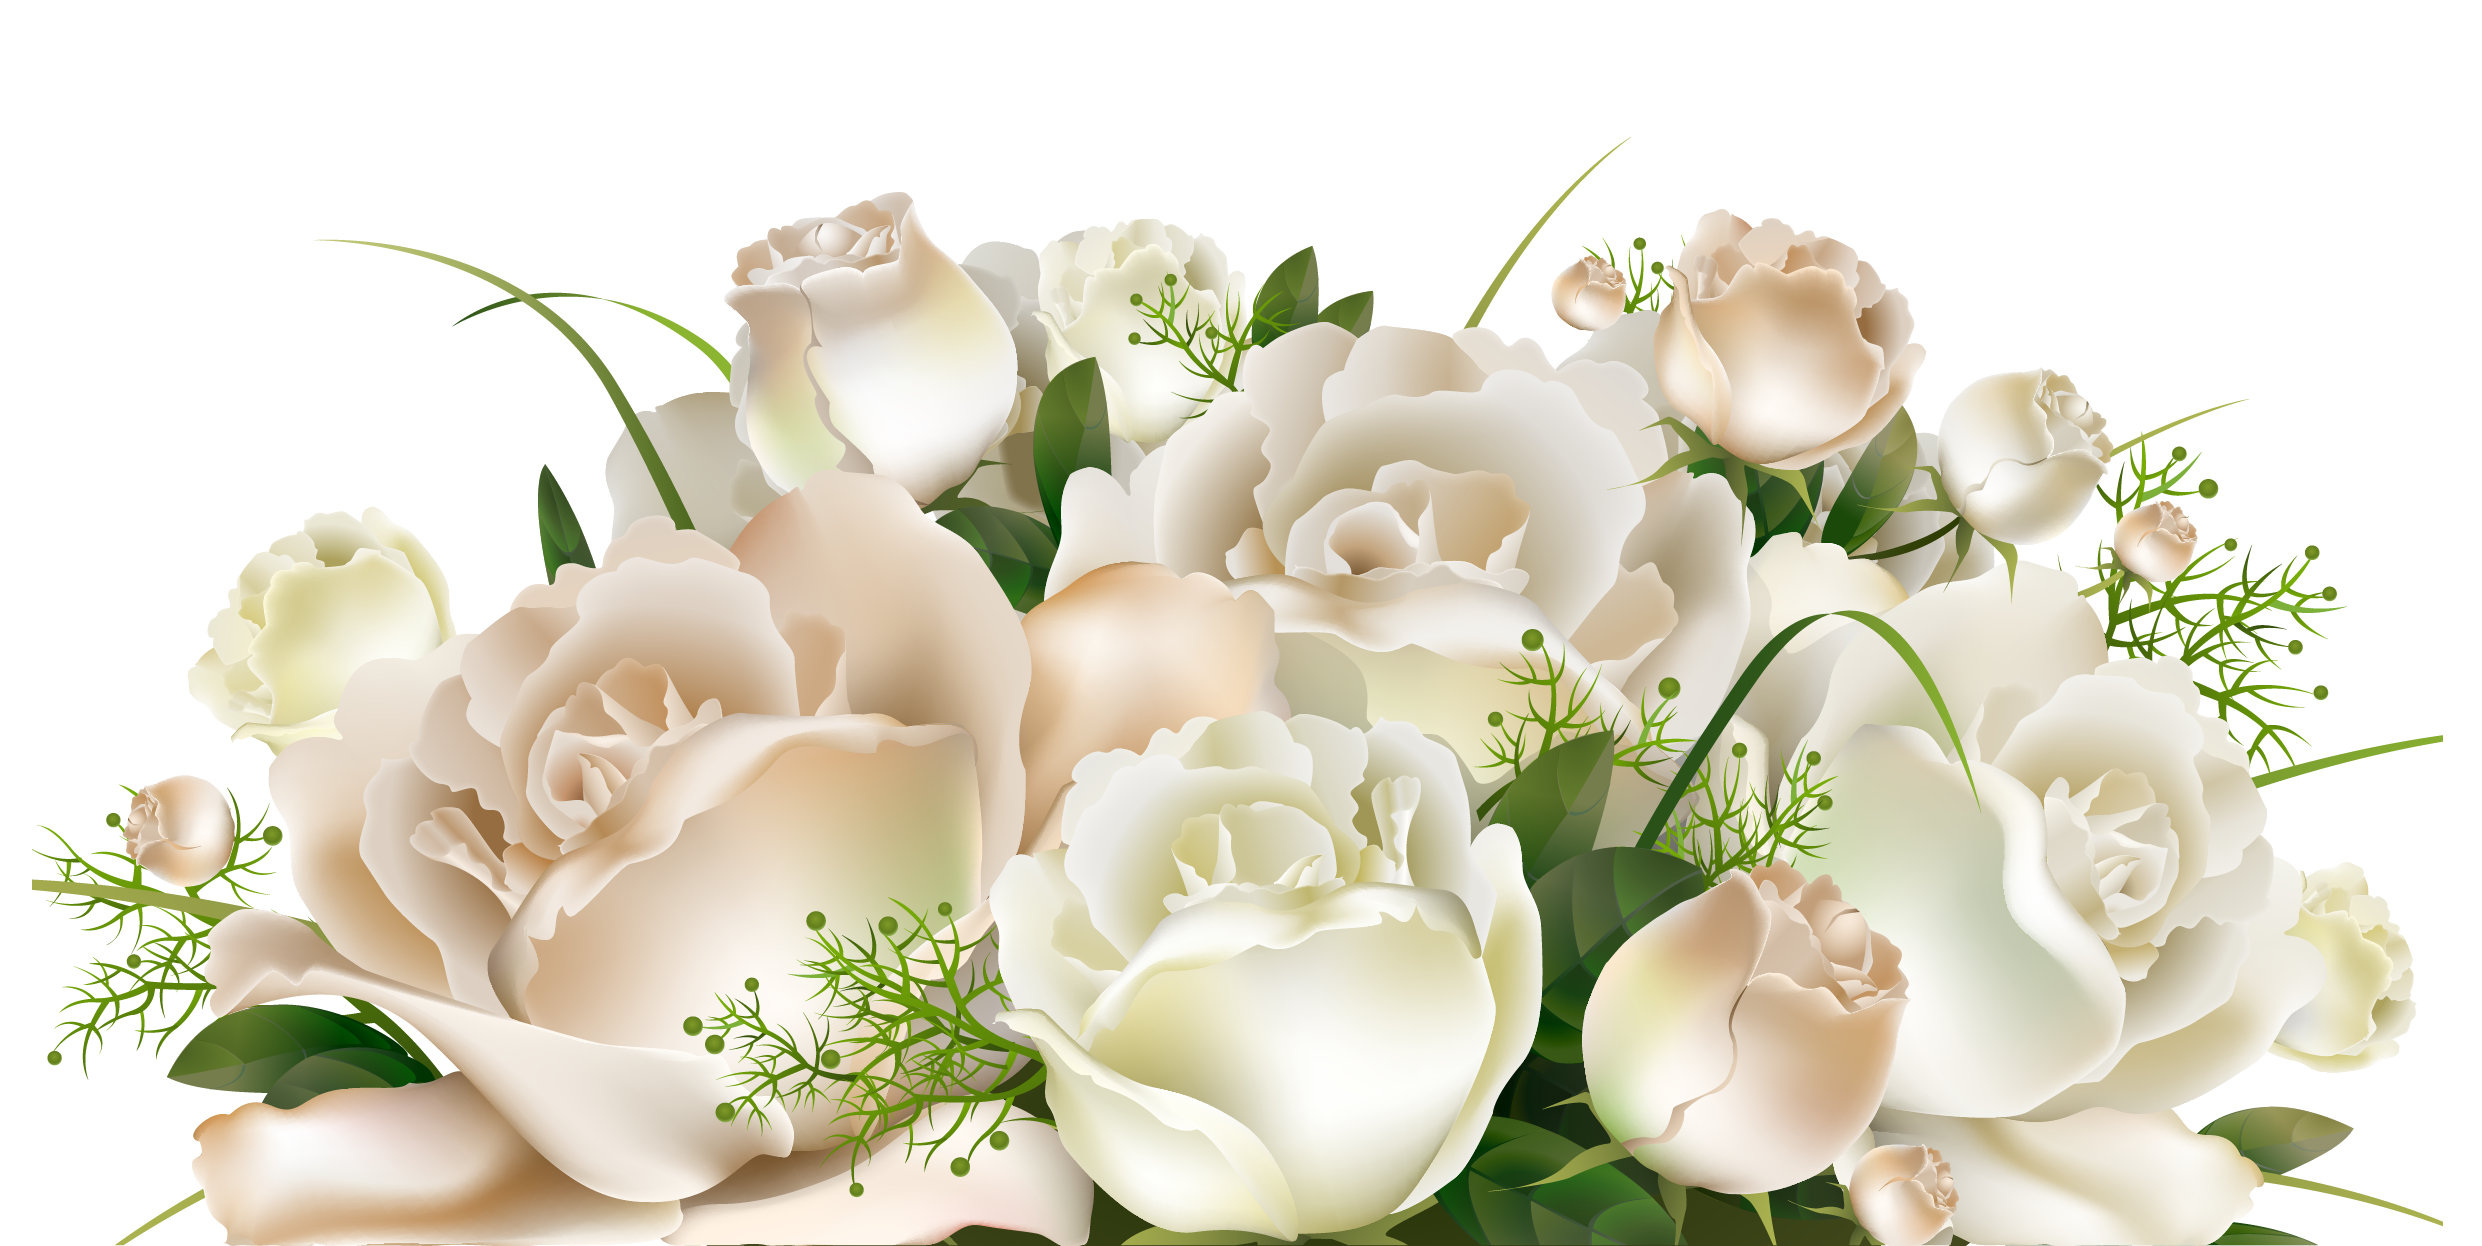 White Rose, flower rose, flower bouquet, flower #48802.